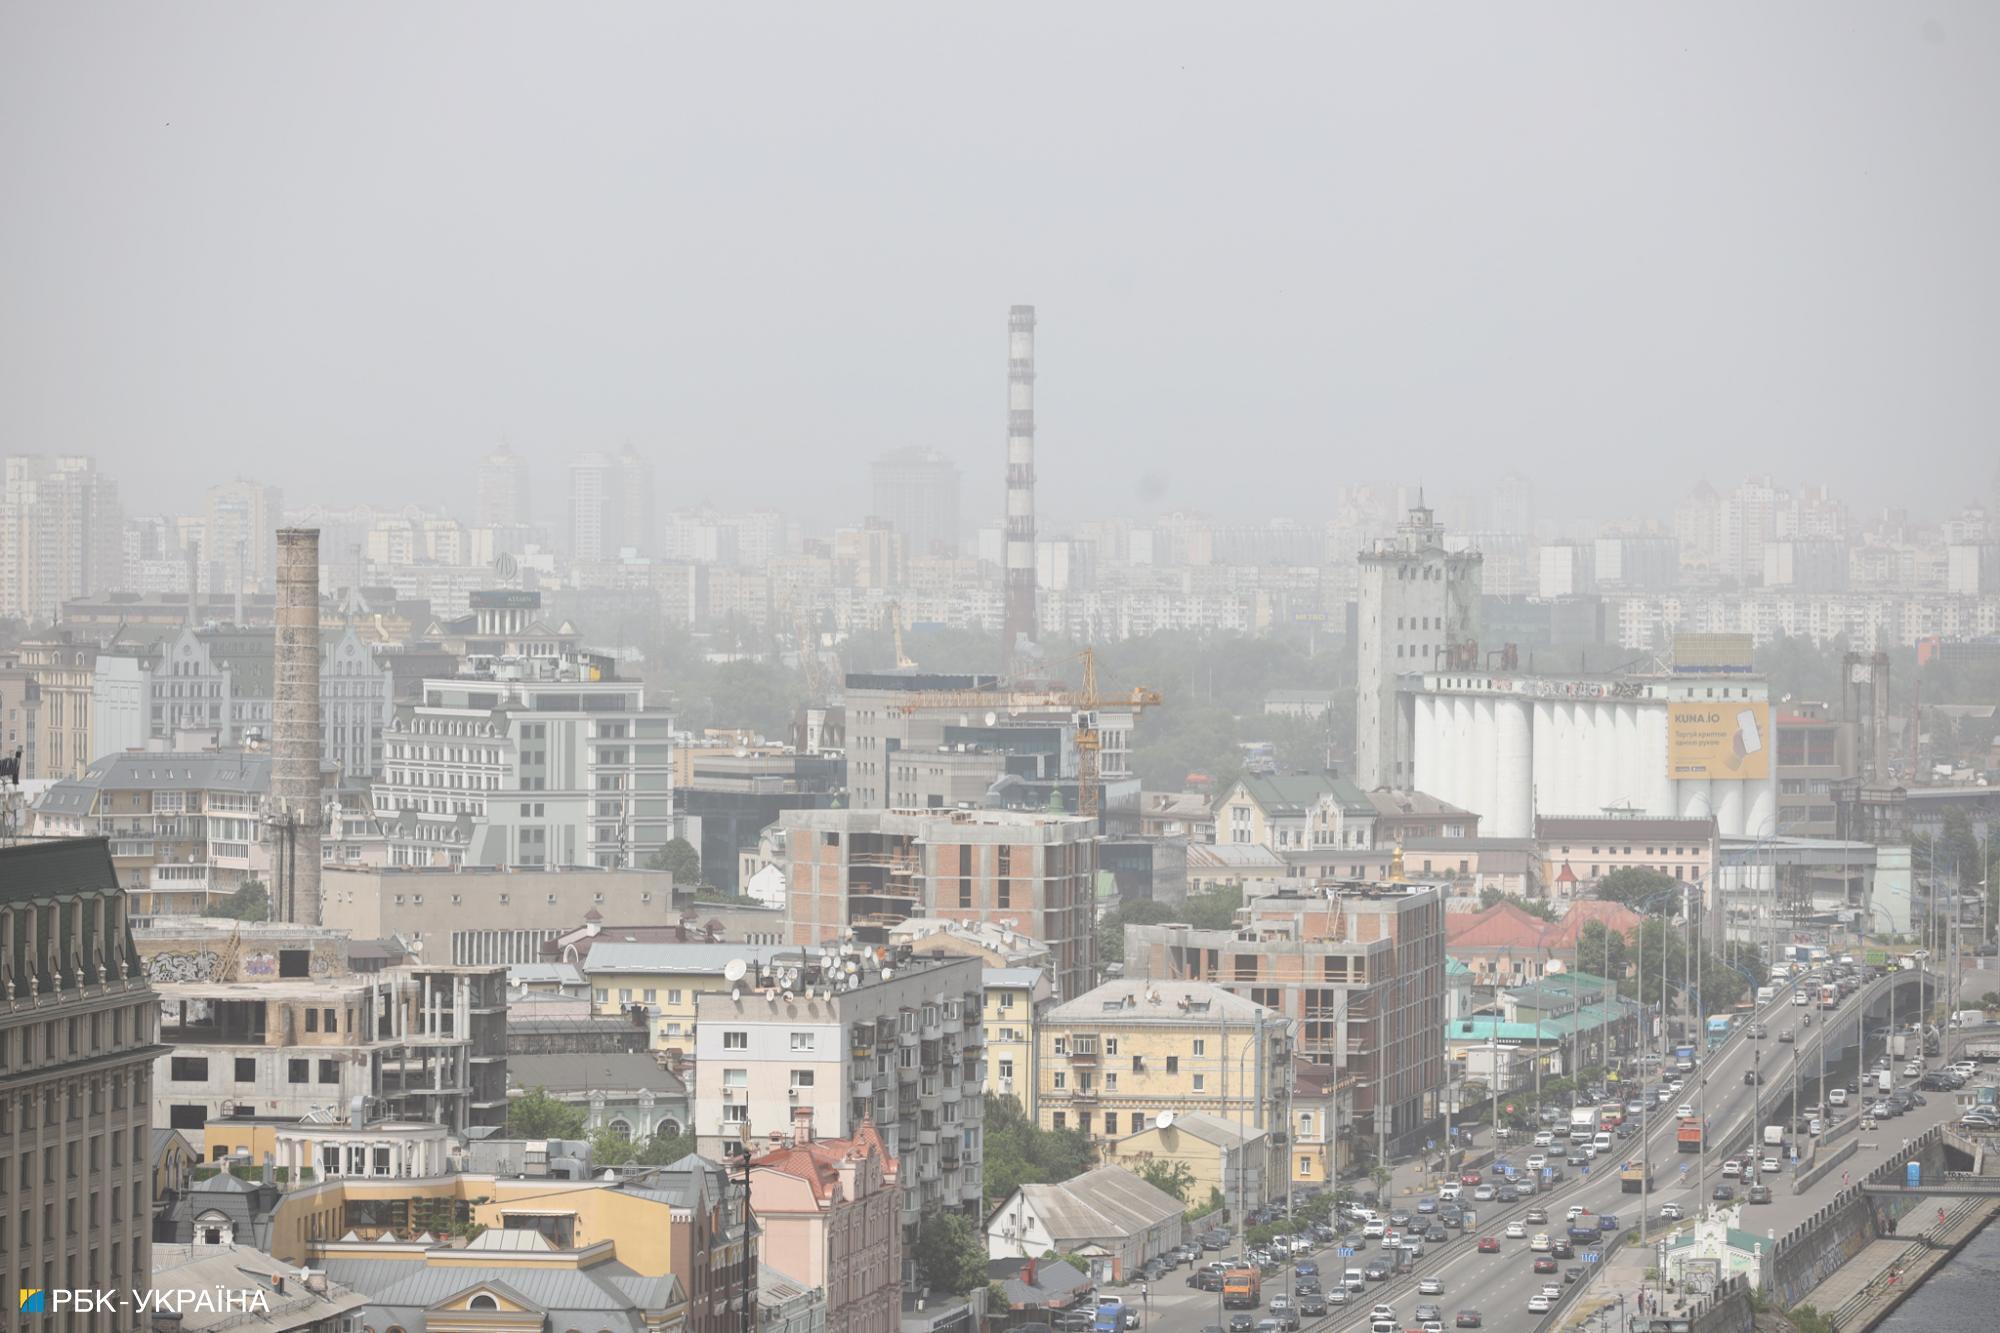 Киев накрыла песчаная буря: ее видно из космоса (фото)